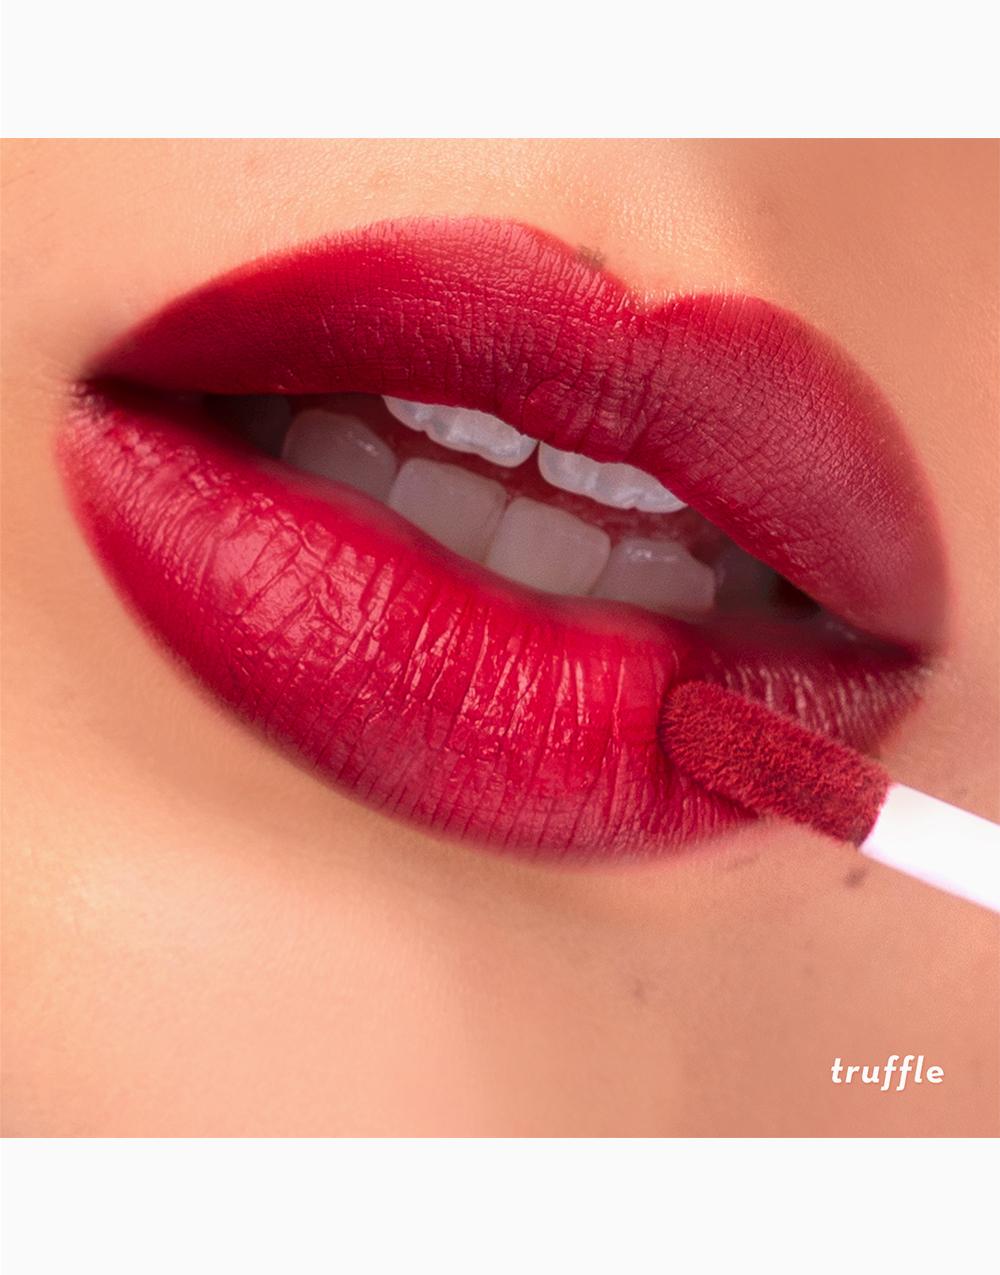 Lip Mallow Mousse by Happy Skin | Truffle